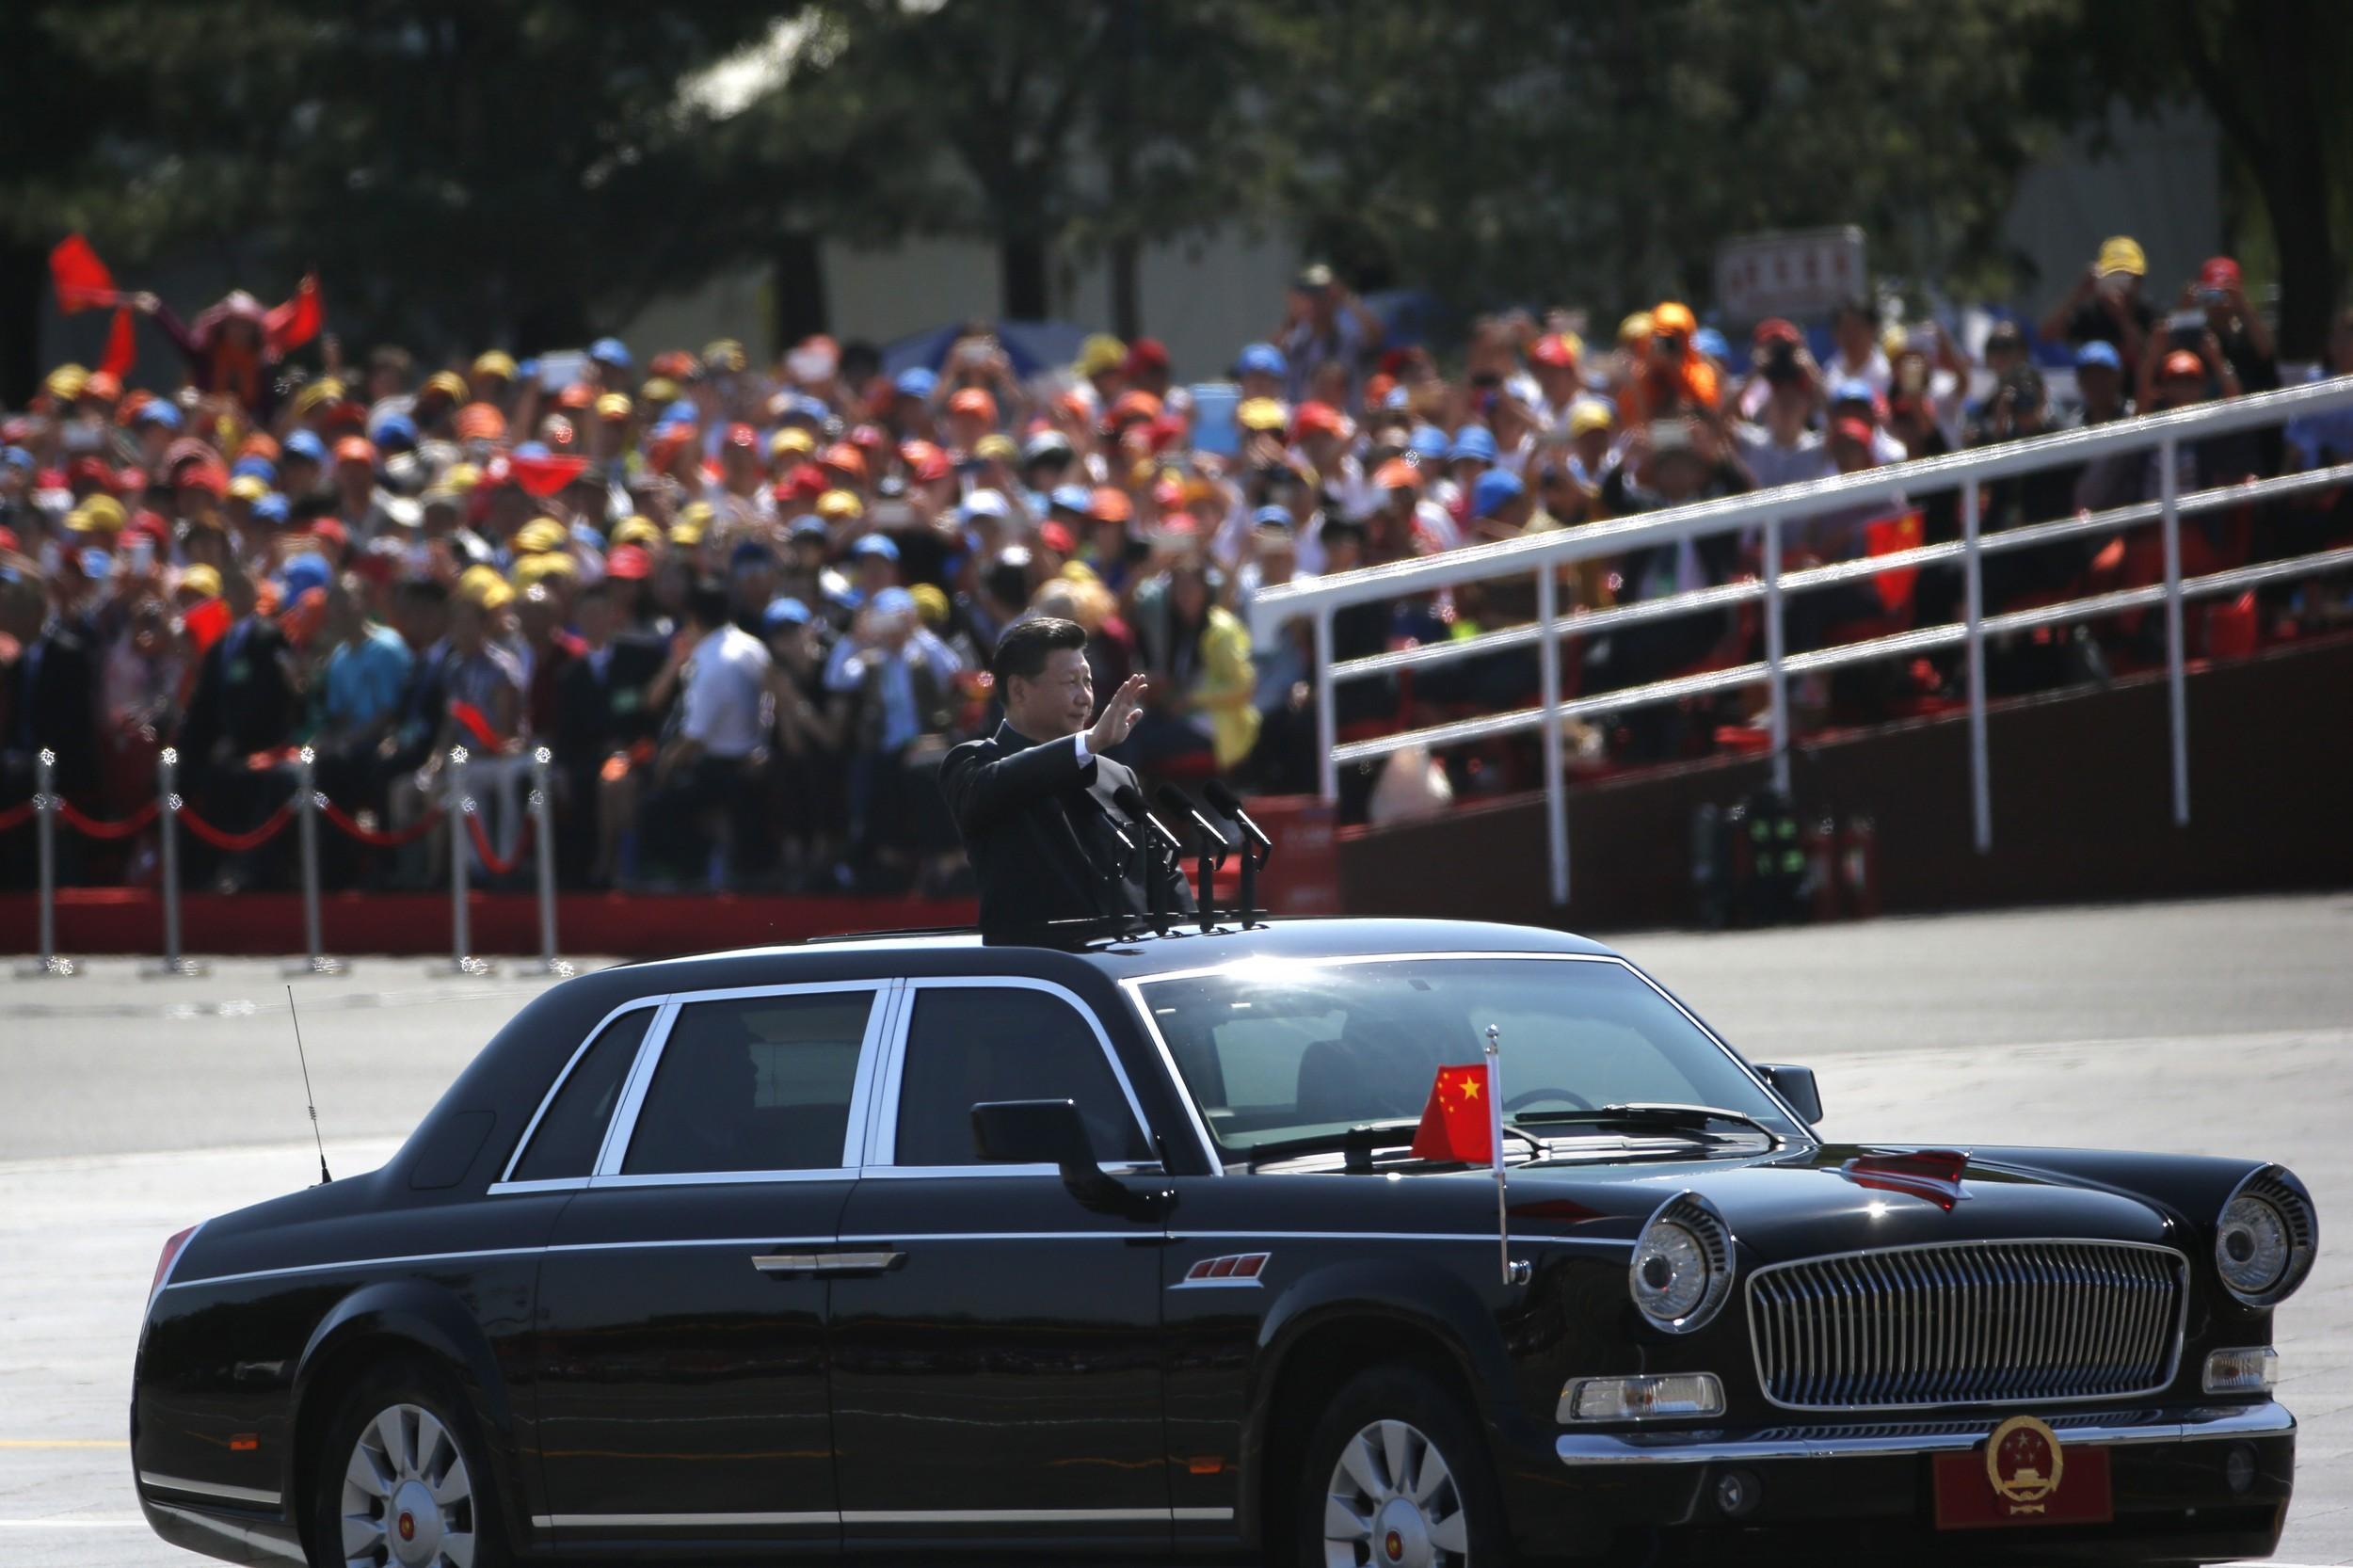 2015年的中国军演中的中国国家主席习近平。(美联社)